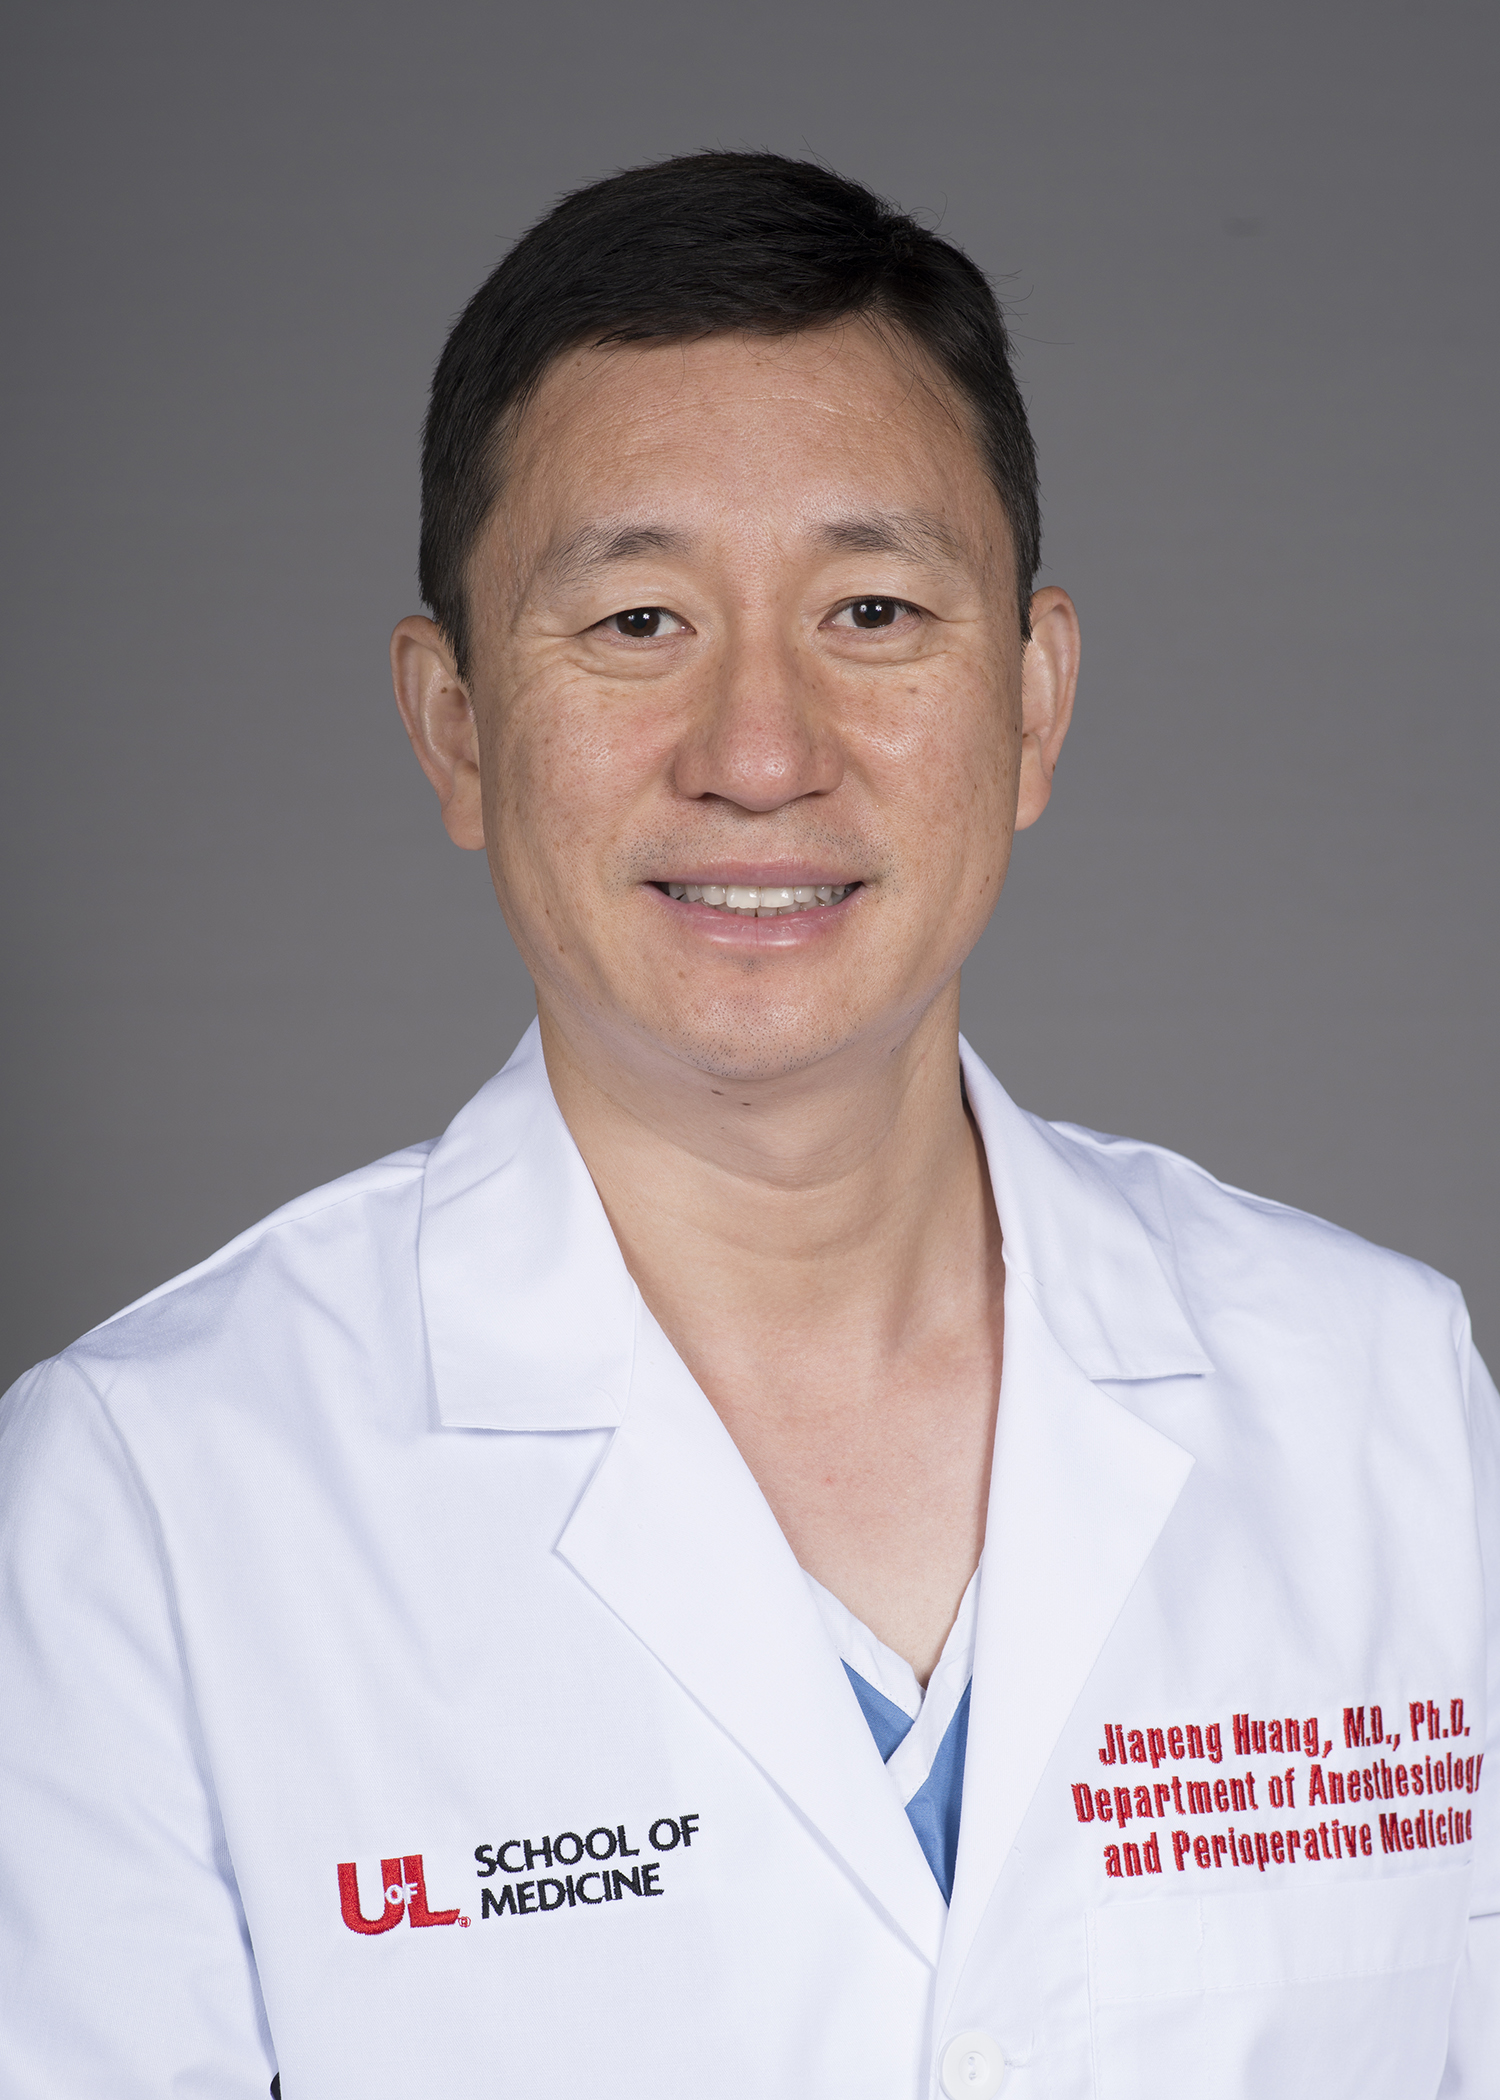 Dr. Jiapeng Huang